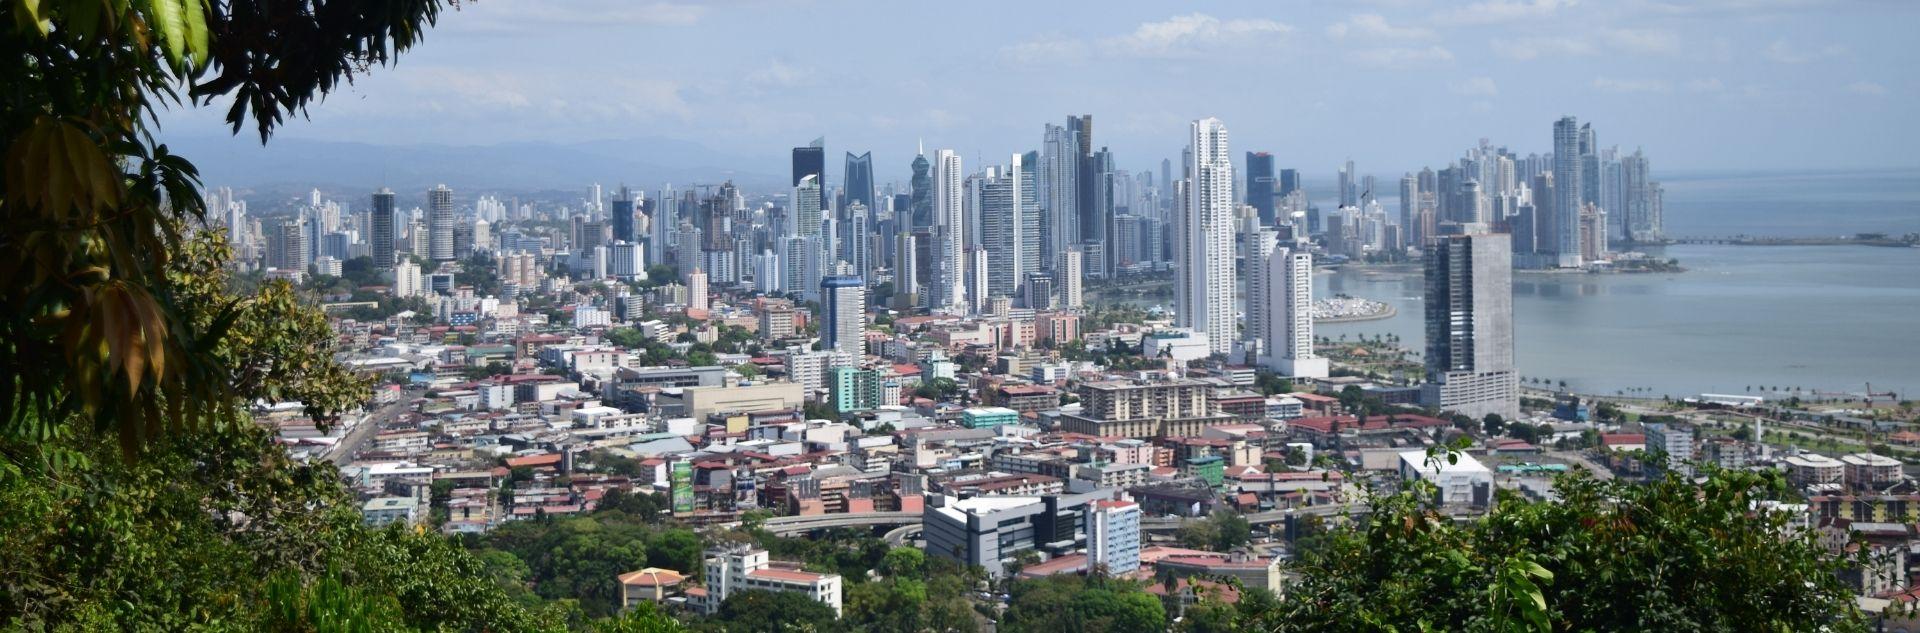 Panoramablick auf die Skyline von Panama City mit Hochhäusern